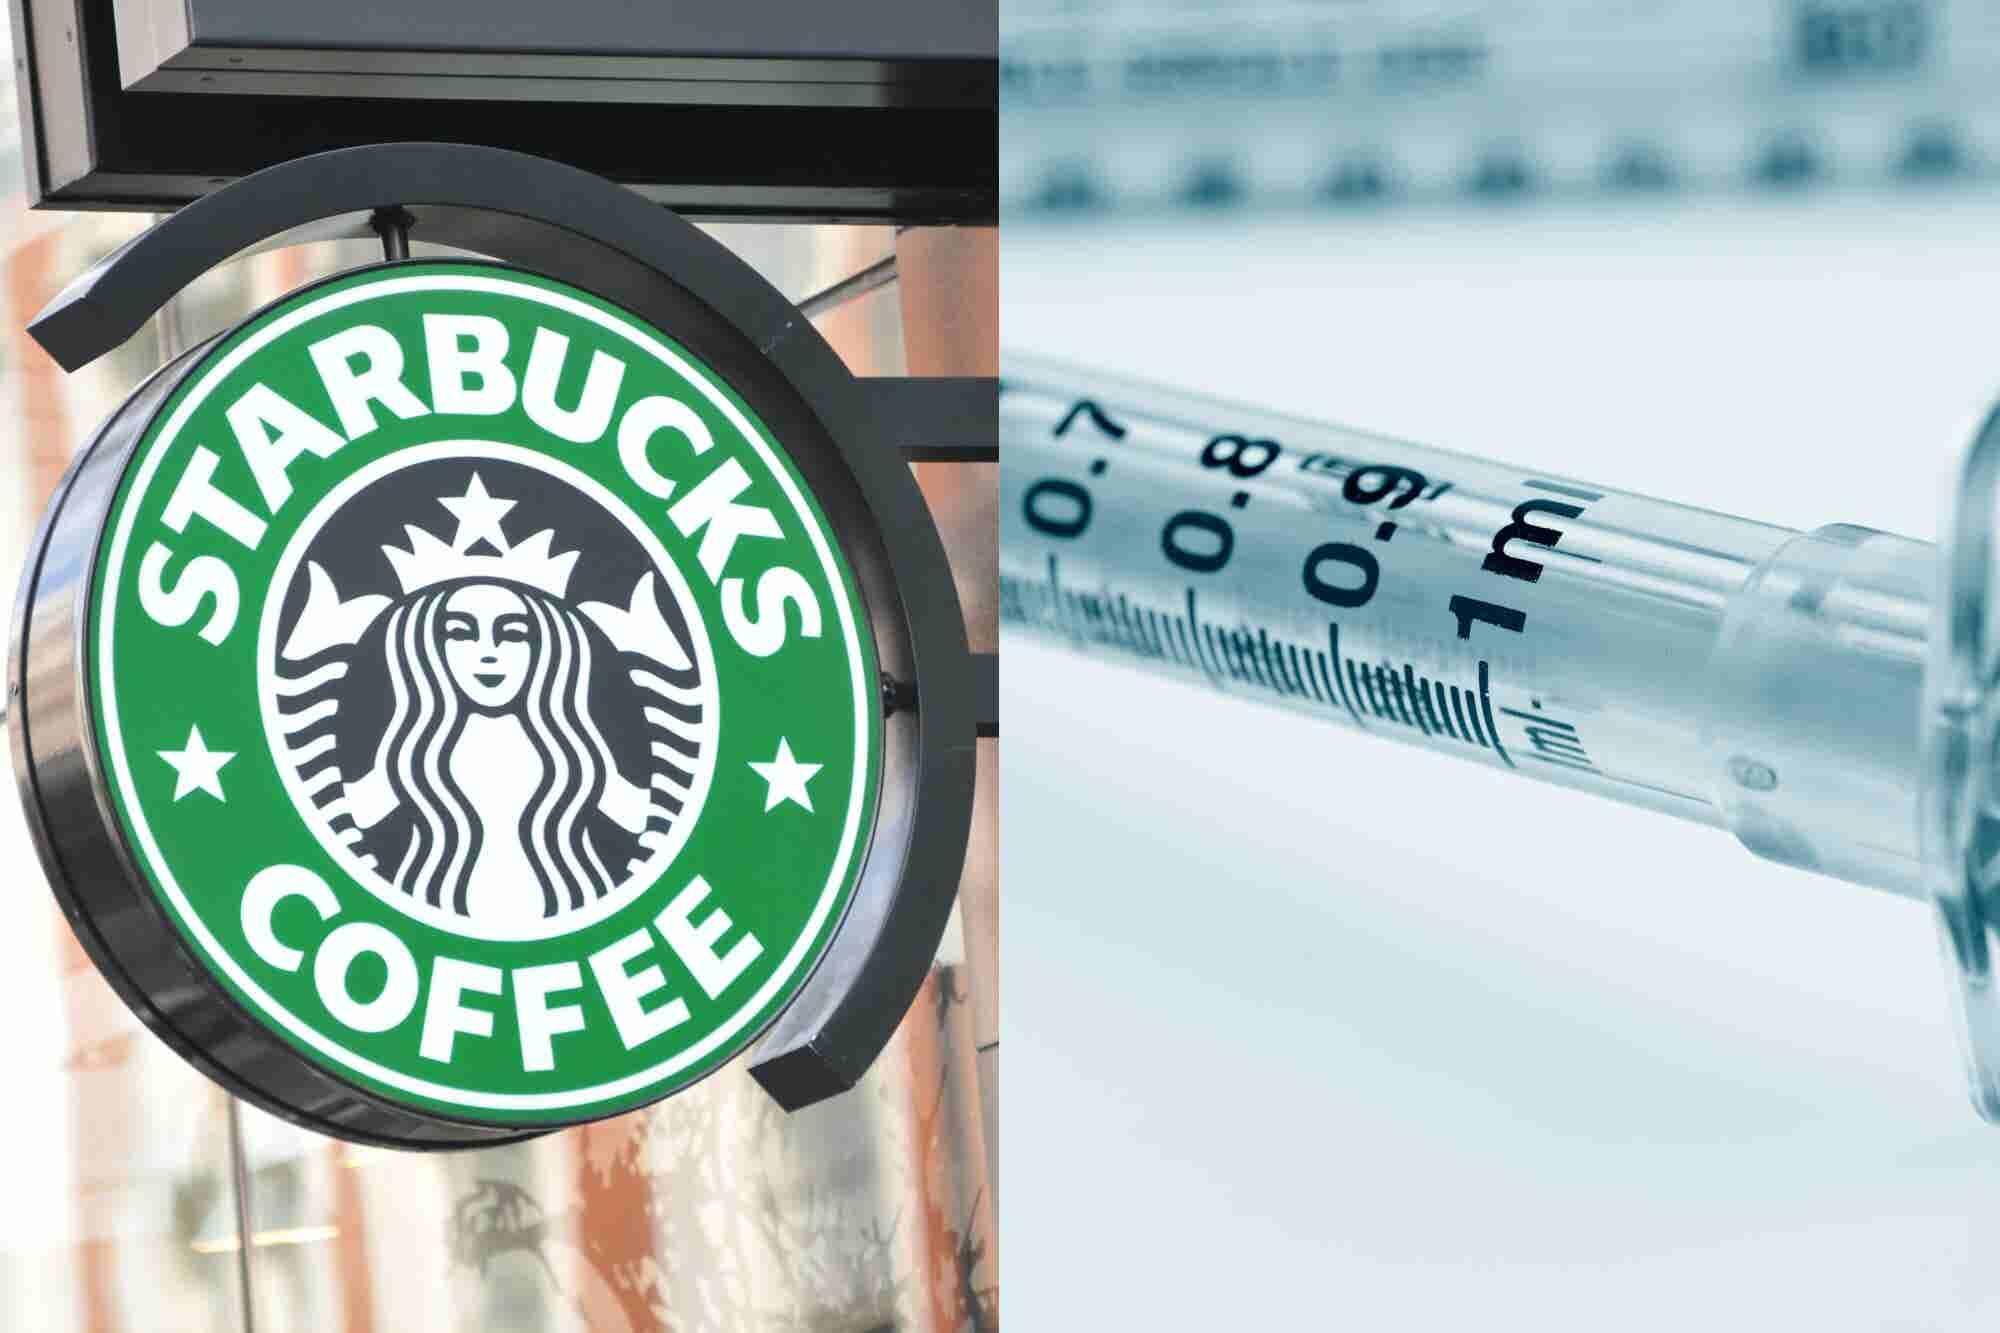 Por qué Starbucks EU está poniendo cajas para jeringas en sus baños